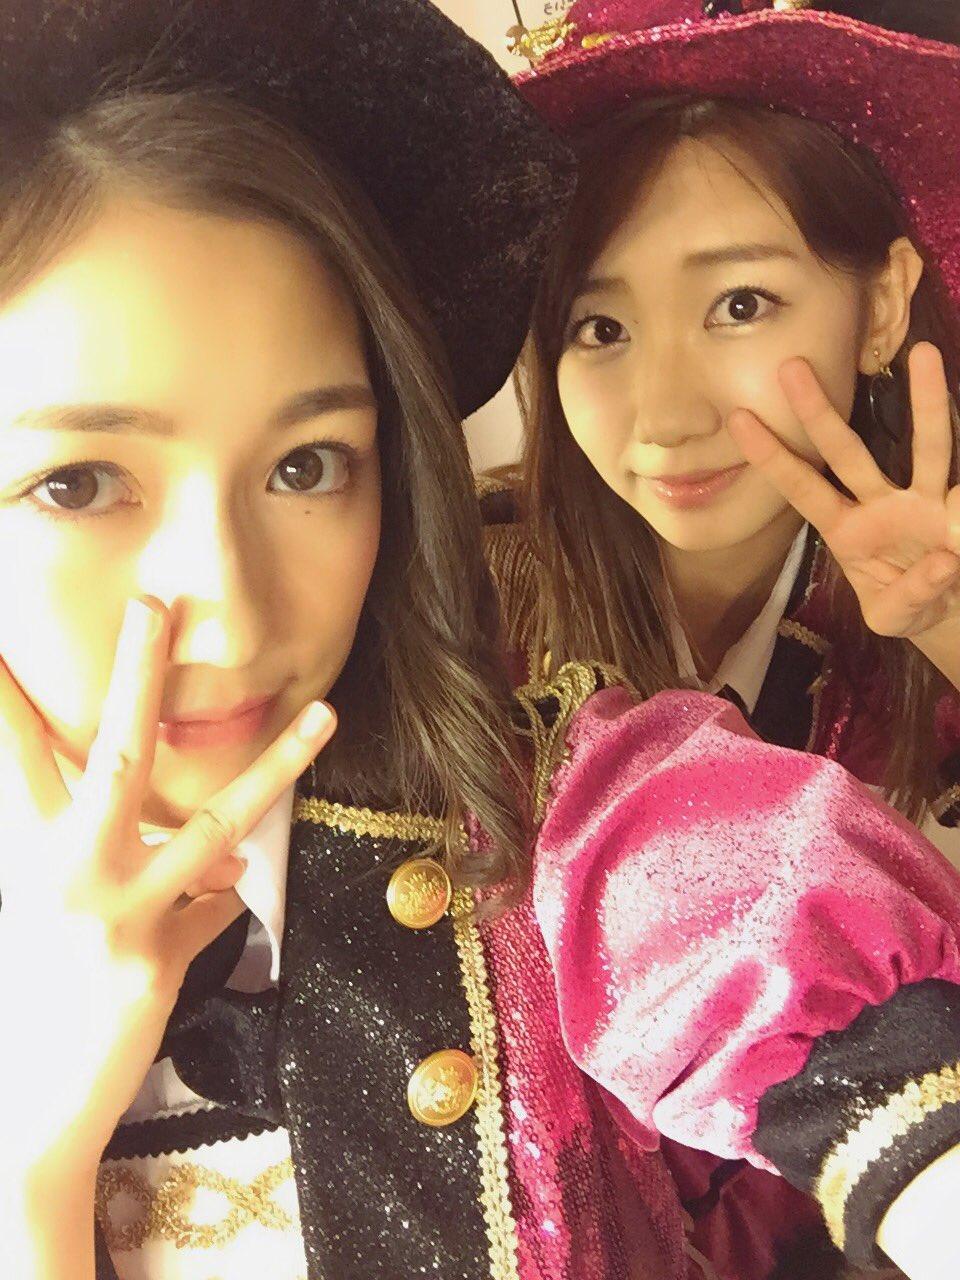 AKB48劇場11周年特別記念公演2千円の【集合写真】